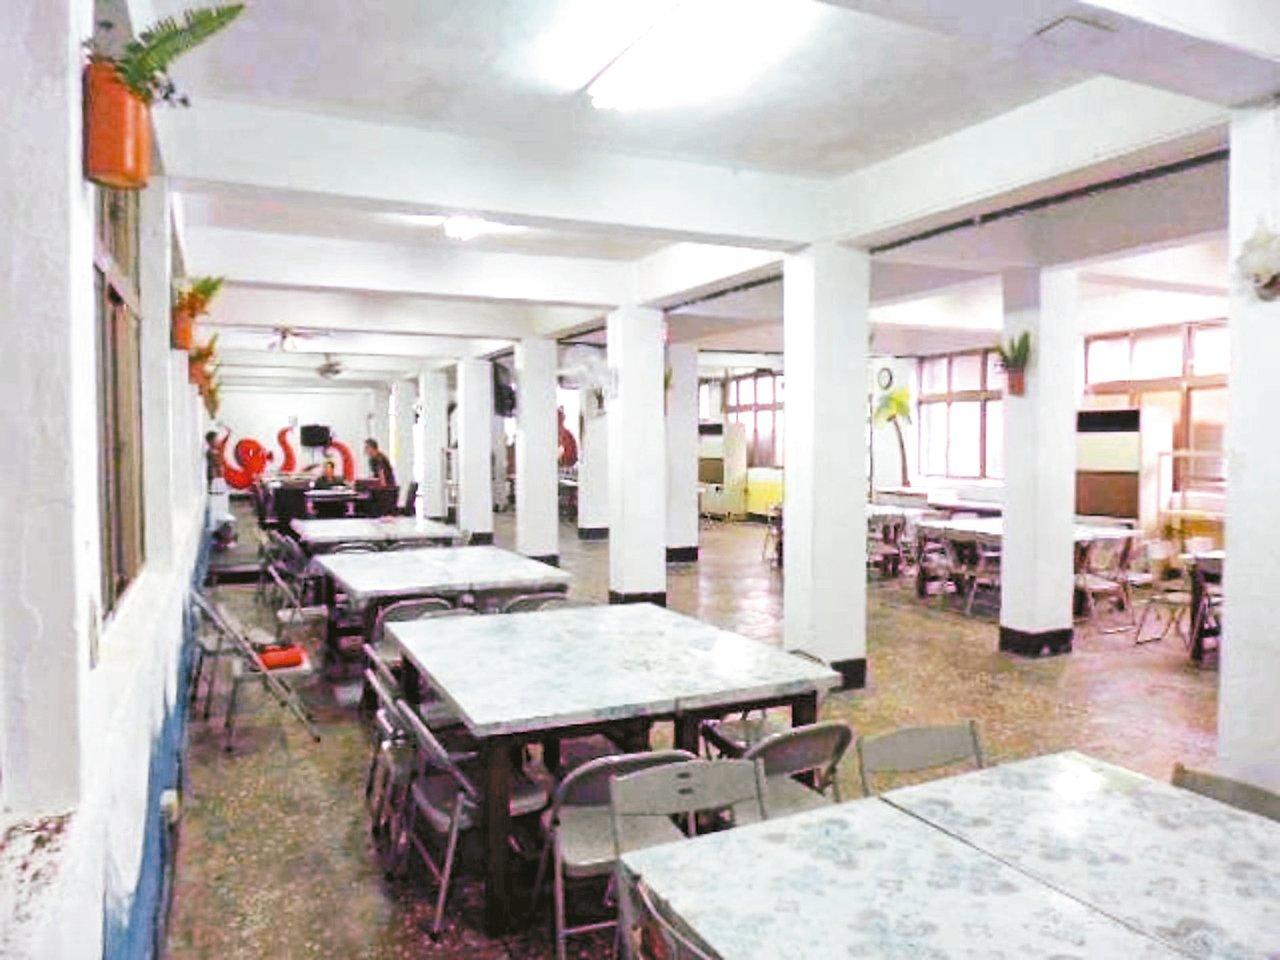 韋昌嶺吃大鍋飯的地方。 圖/基隆市文化局提供